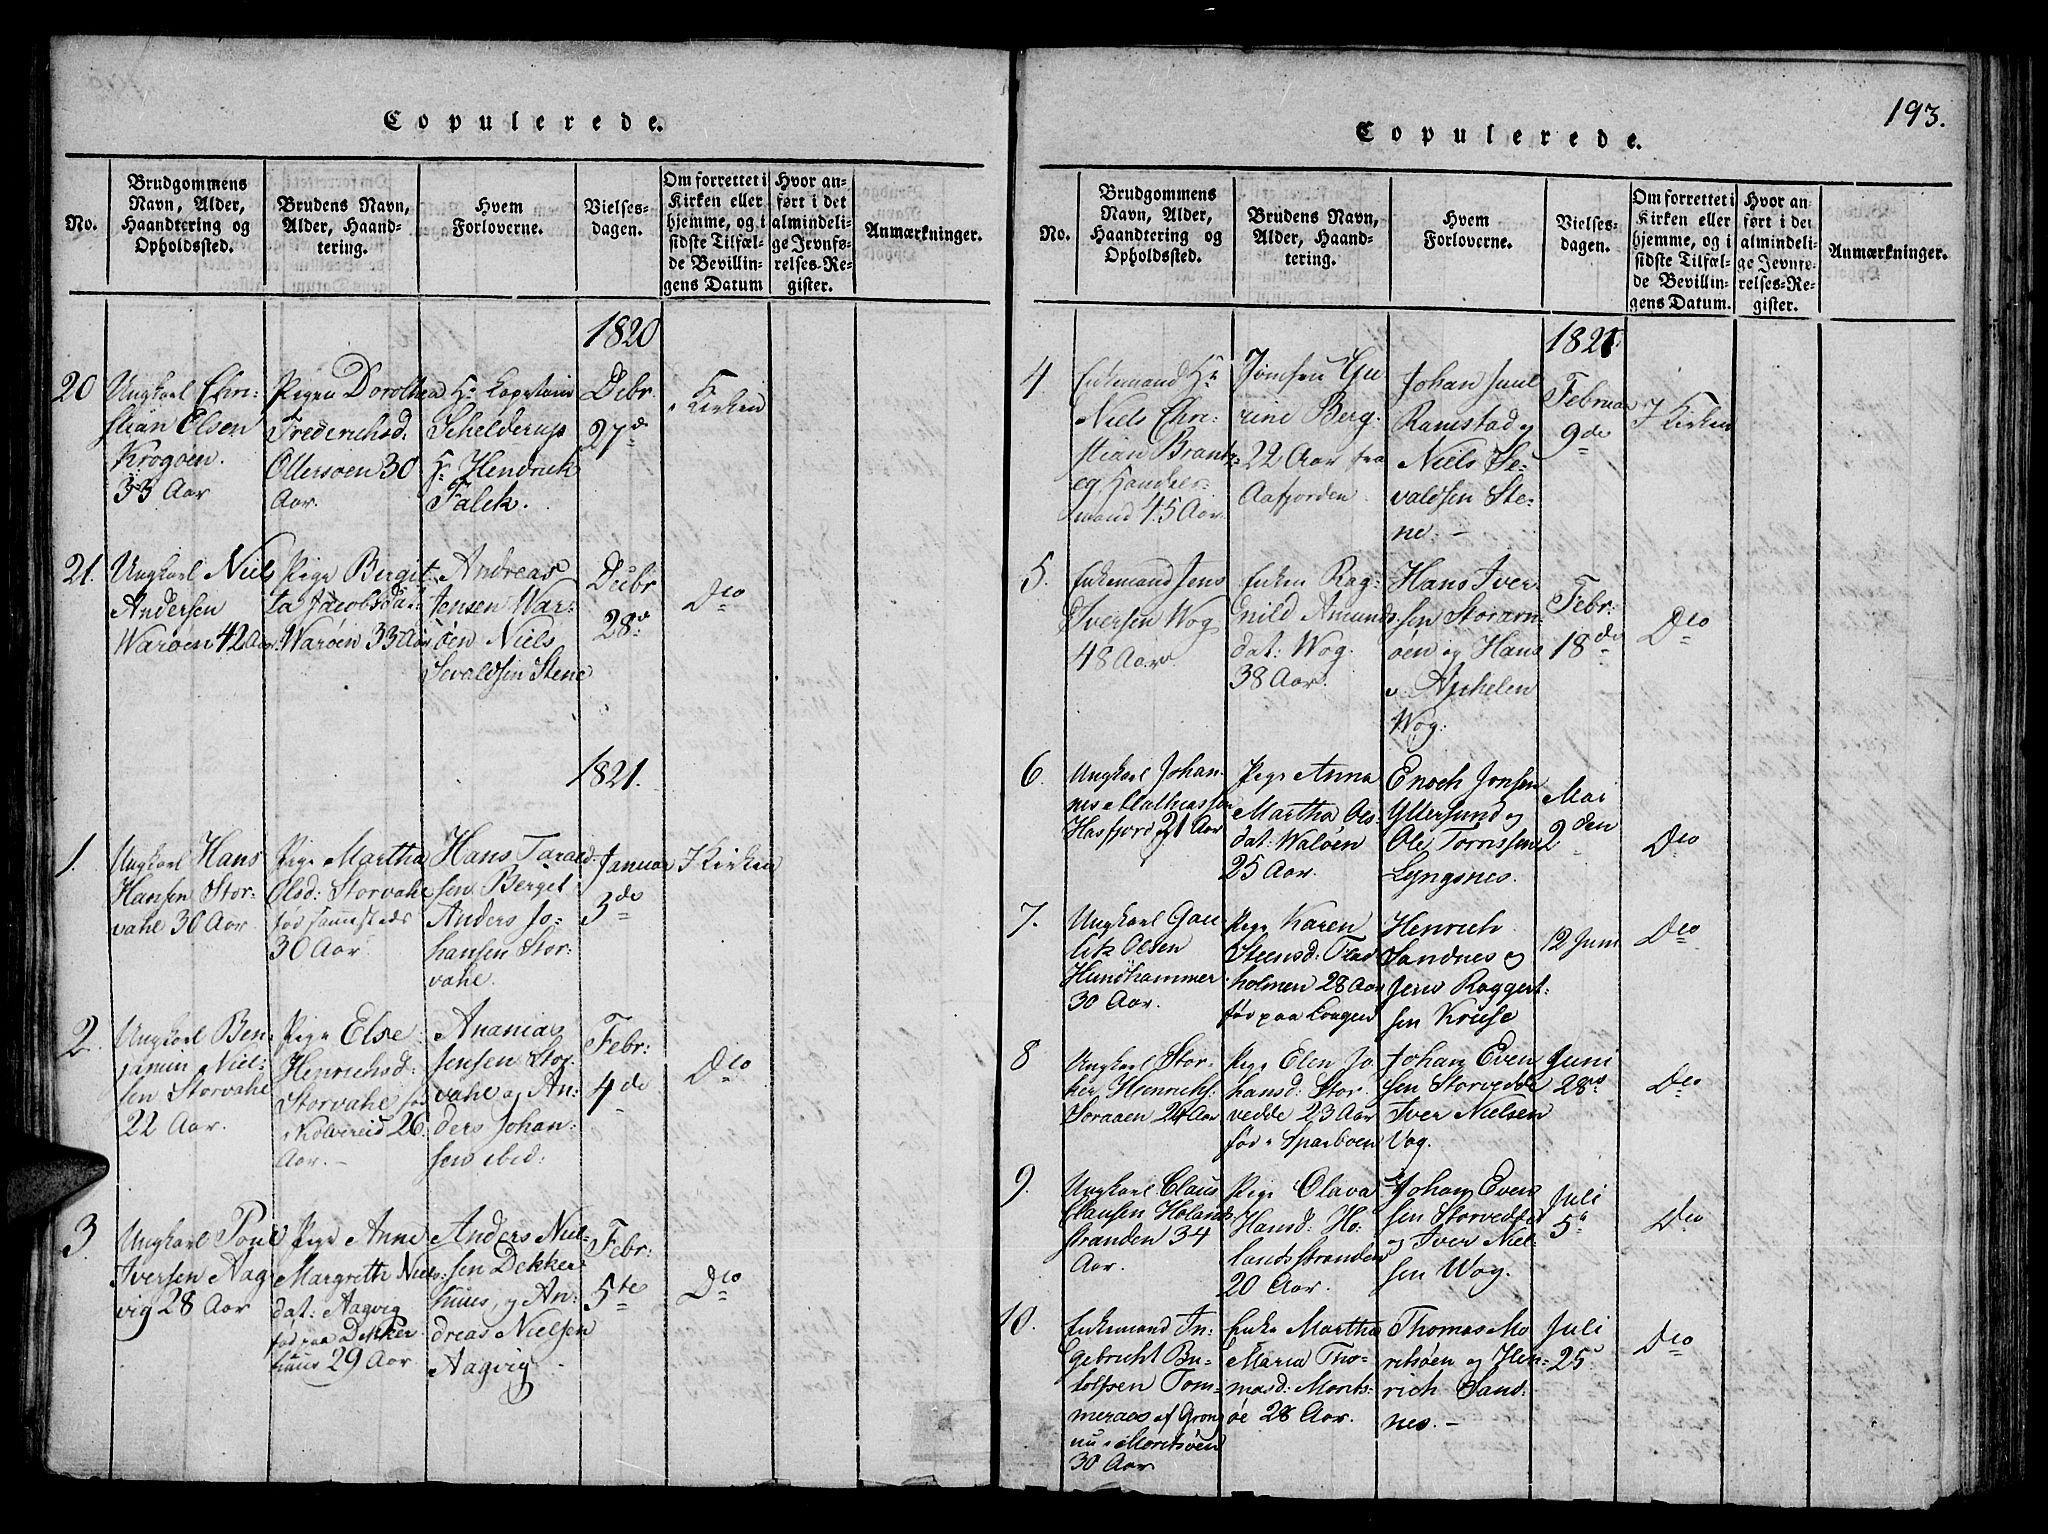 SAT, Ministerialprotokoller, klokkerbøker og fødselsregistre - Nord-Trøndelag, 784/L0667: Ministerialbok nr. 784A03 /1, 1816-1829, s. 193